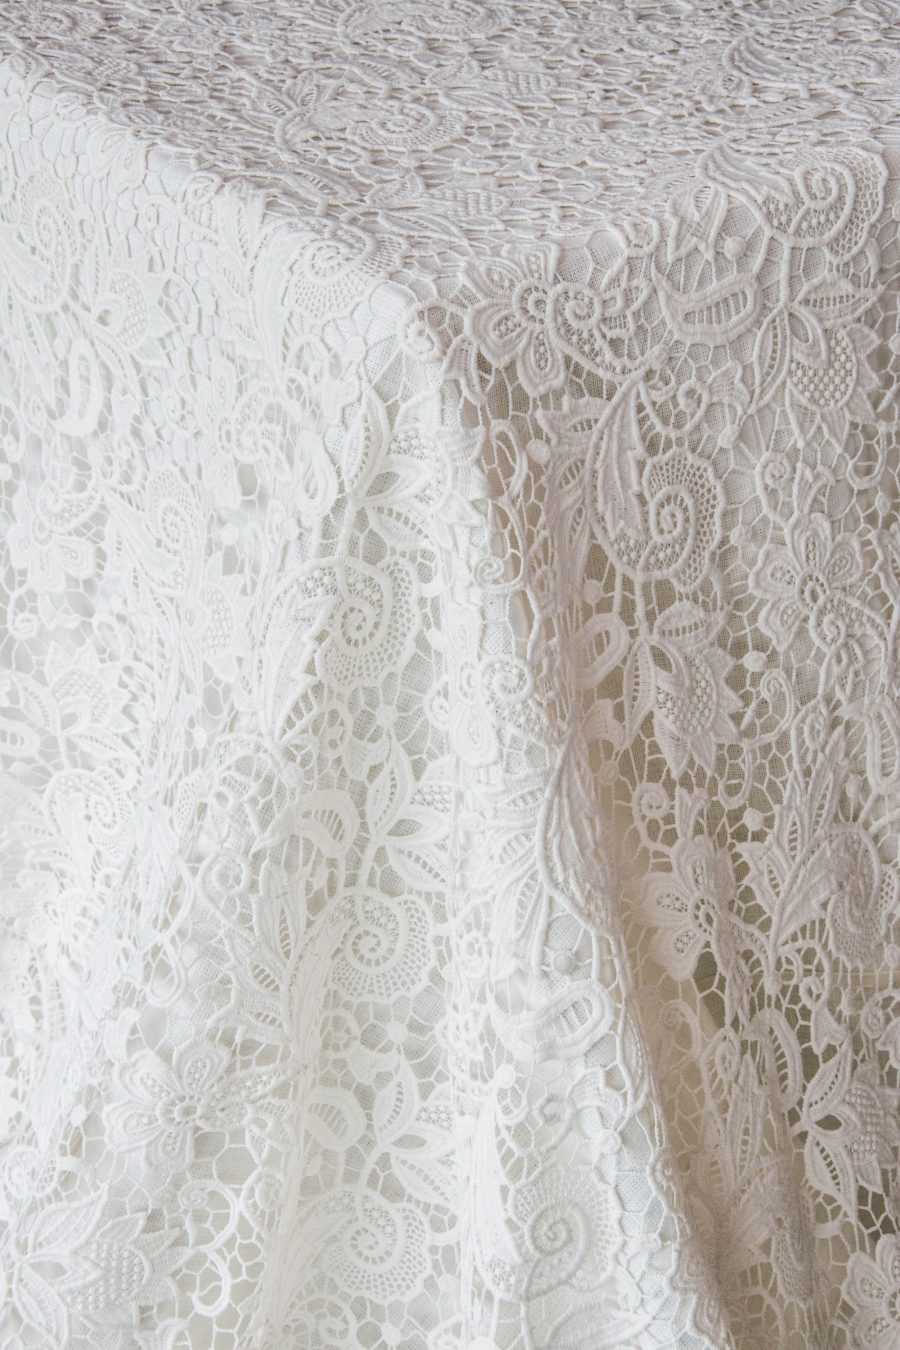 Lace-Juliette-Ivory-900x1350.jpg